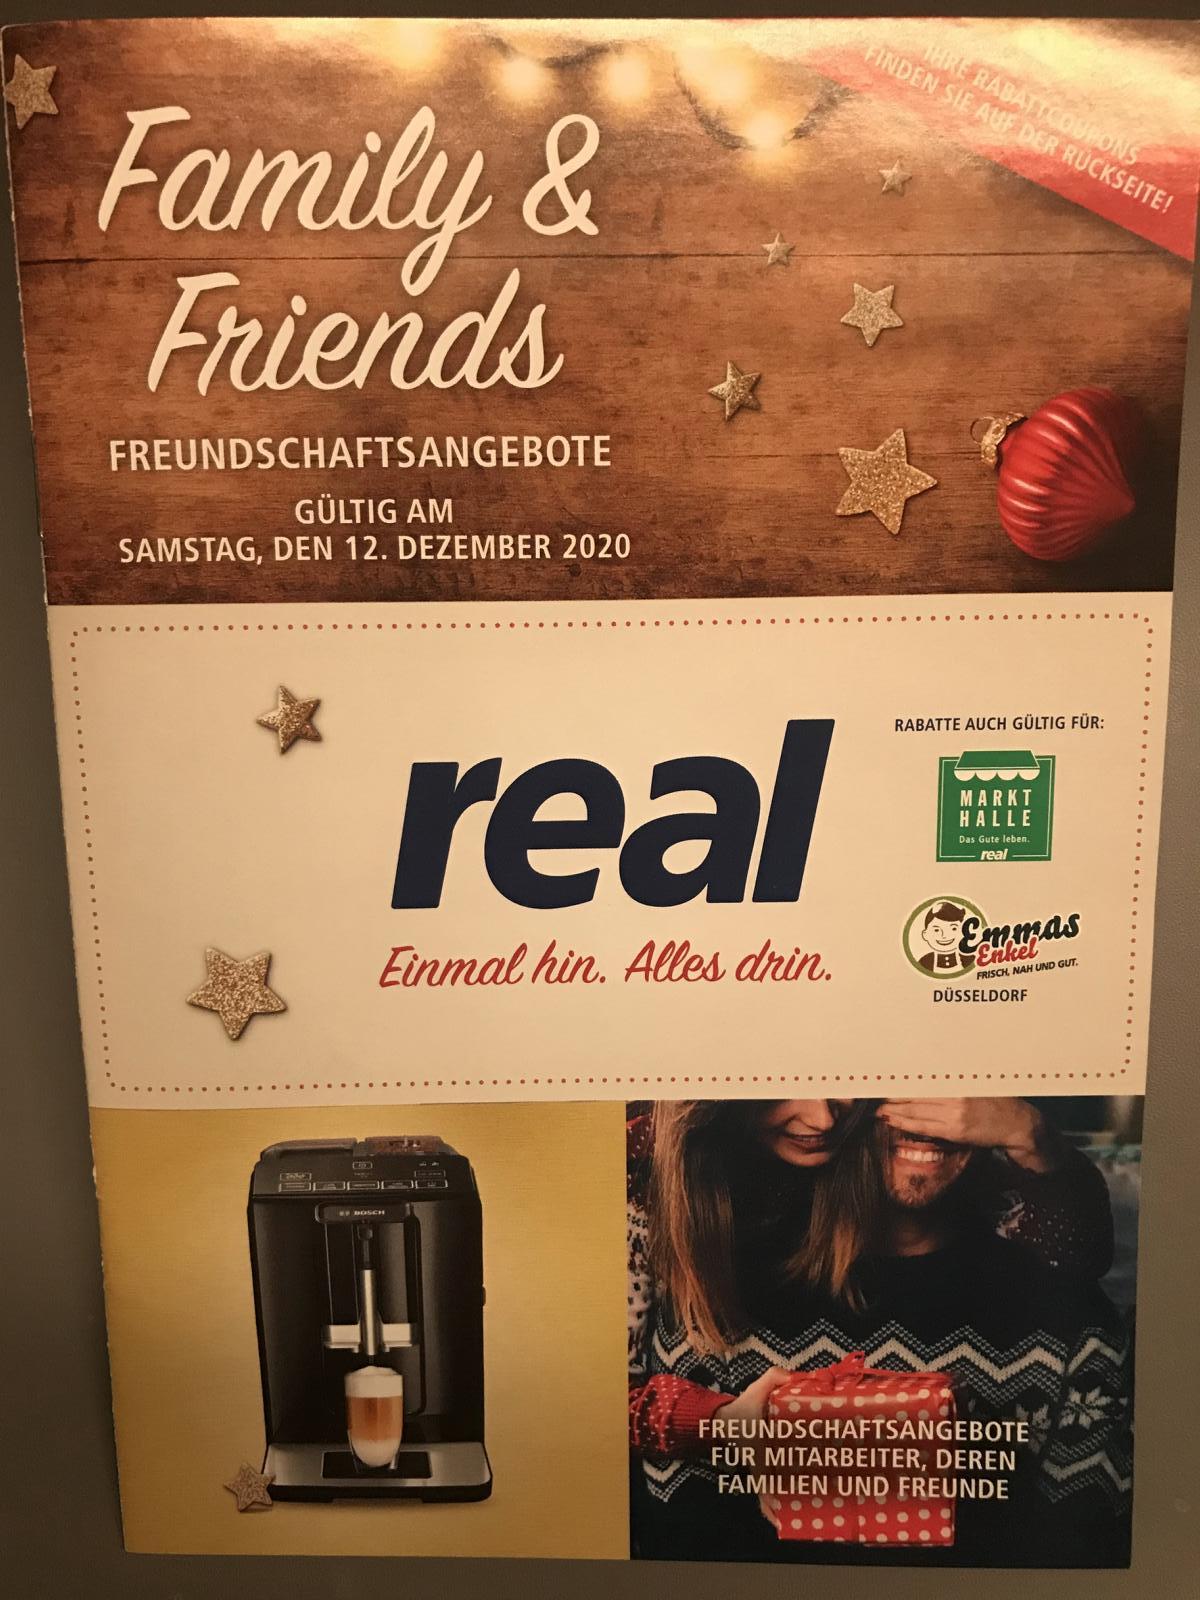 [REAL] Family & Friends für den Rabatt-Aktionstag am Samstag, den 12.12.2020